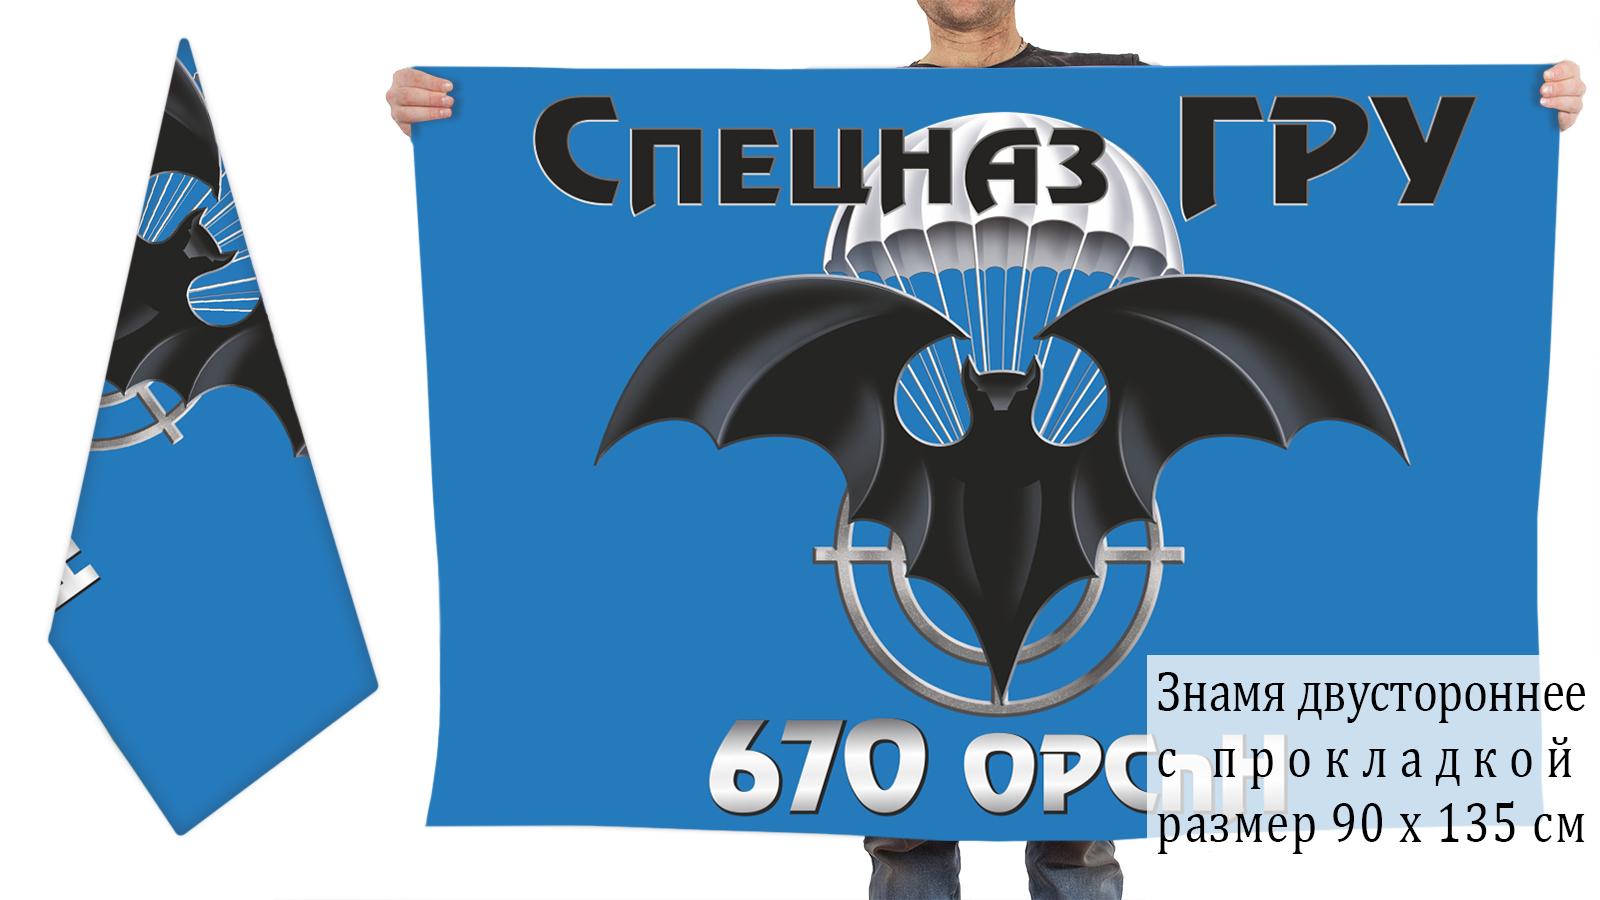 Двусторонний флаг 670 отдельной роты спецназа